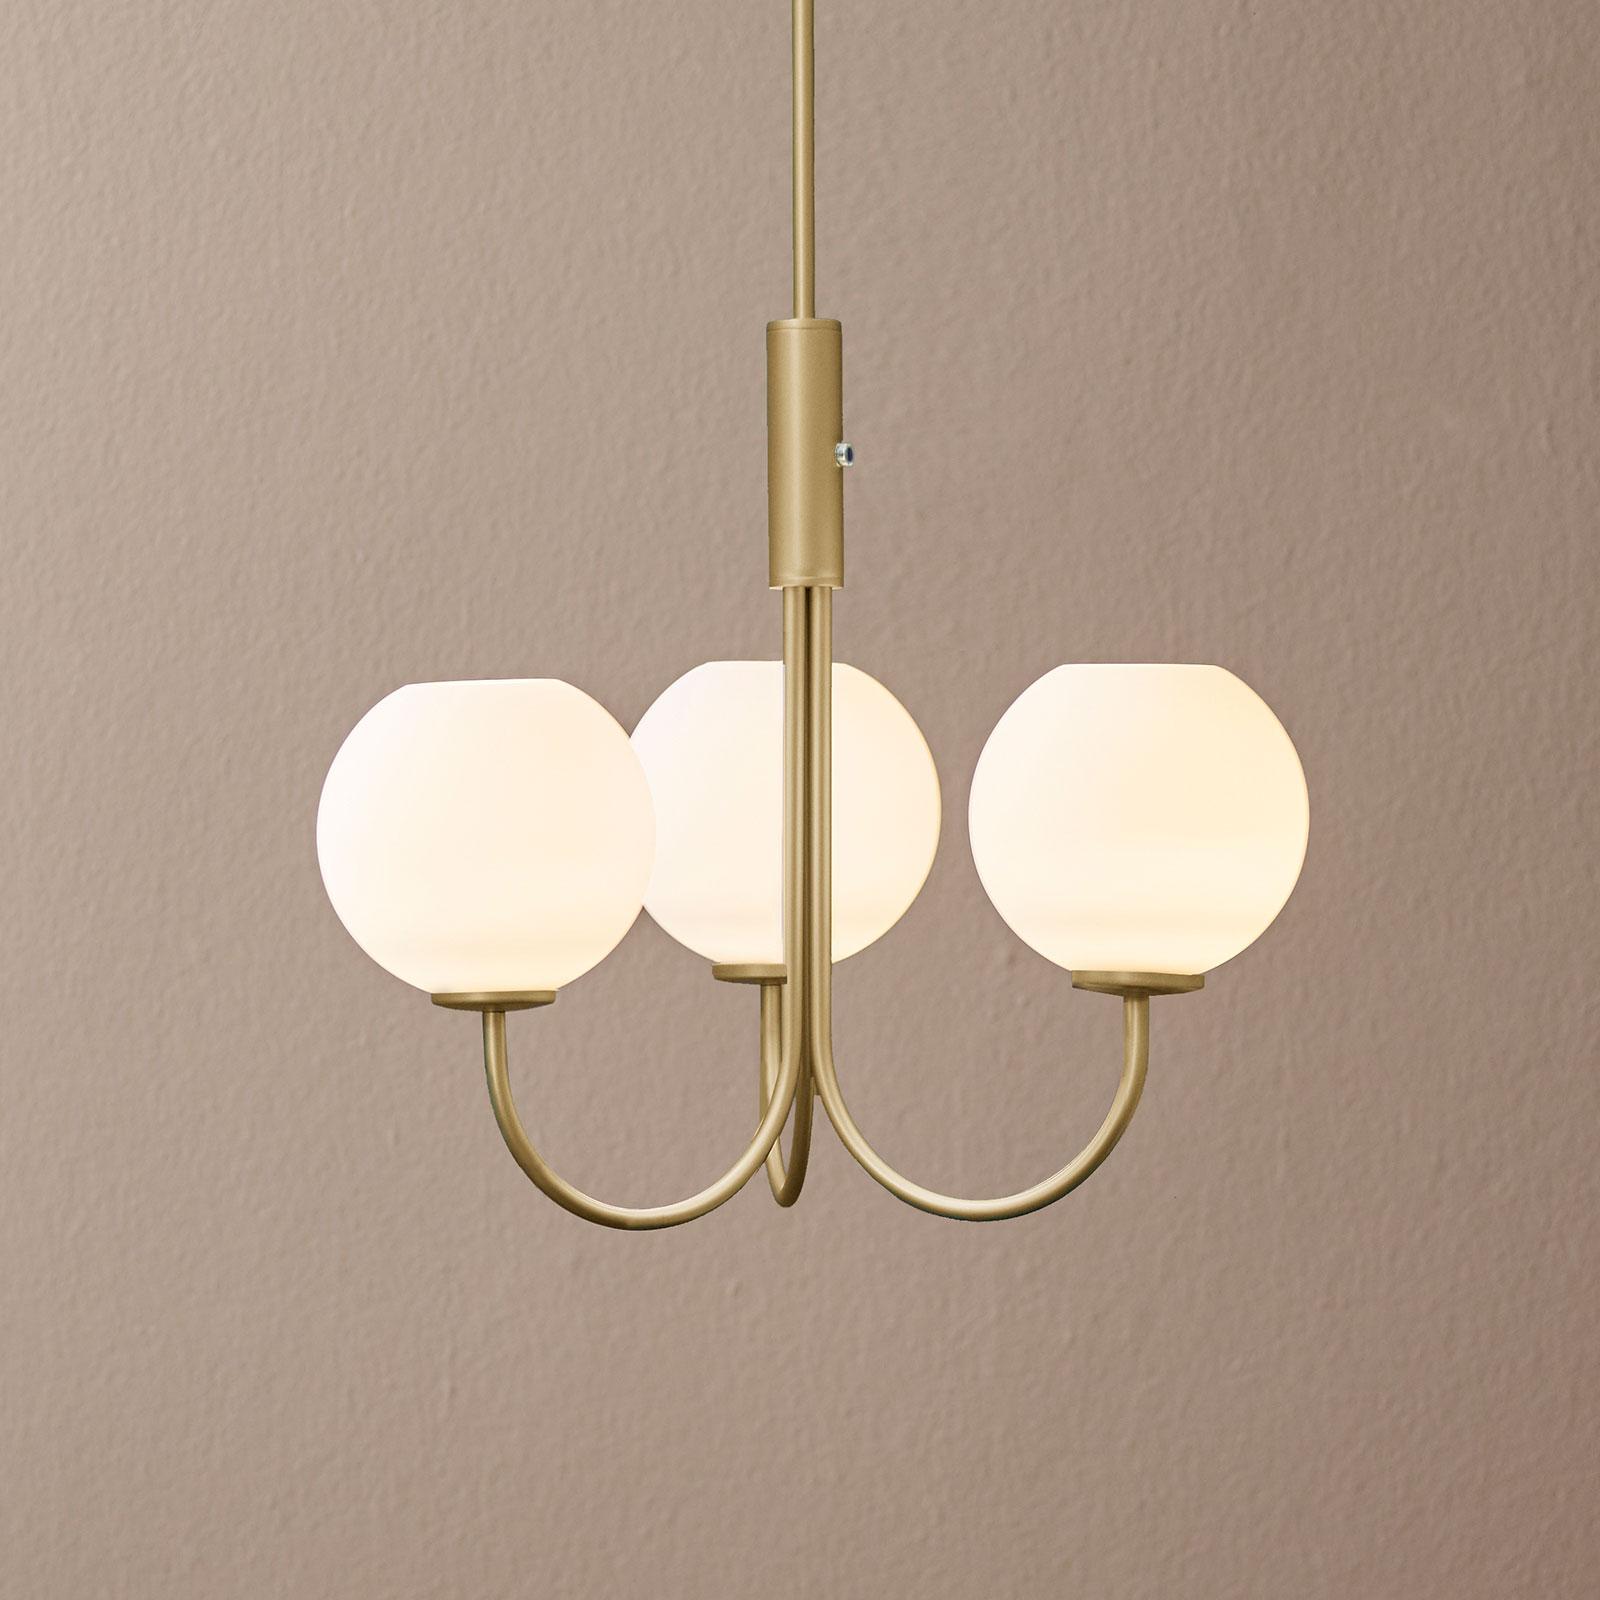 Lampadario Ballon con interruttore, 3 luci, ottone